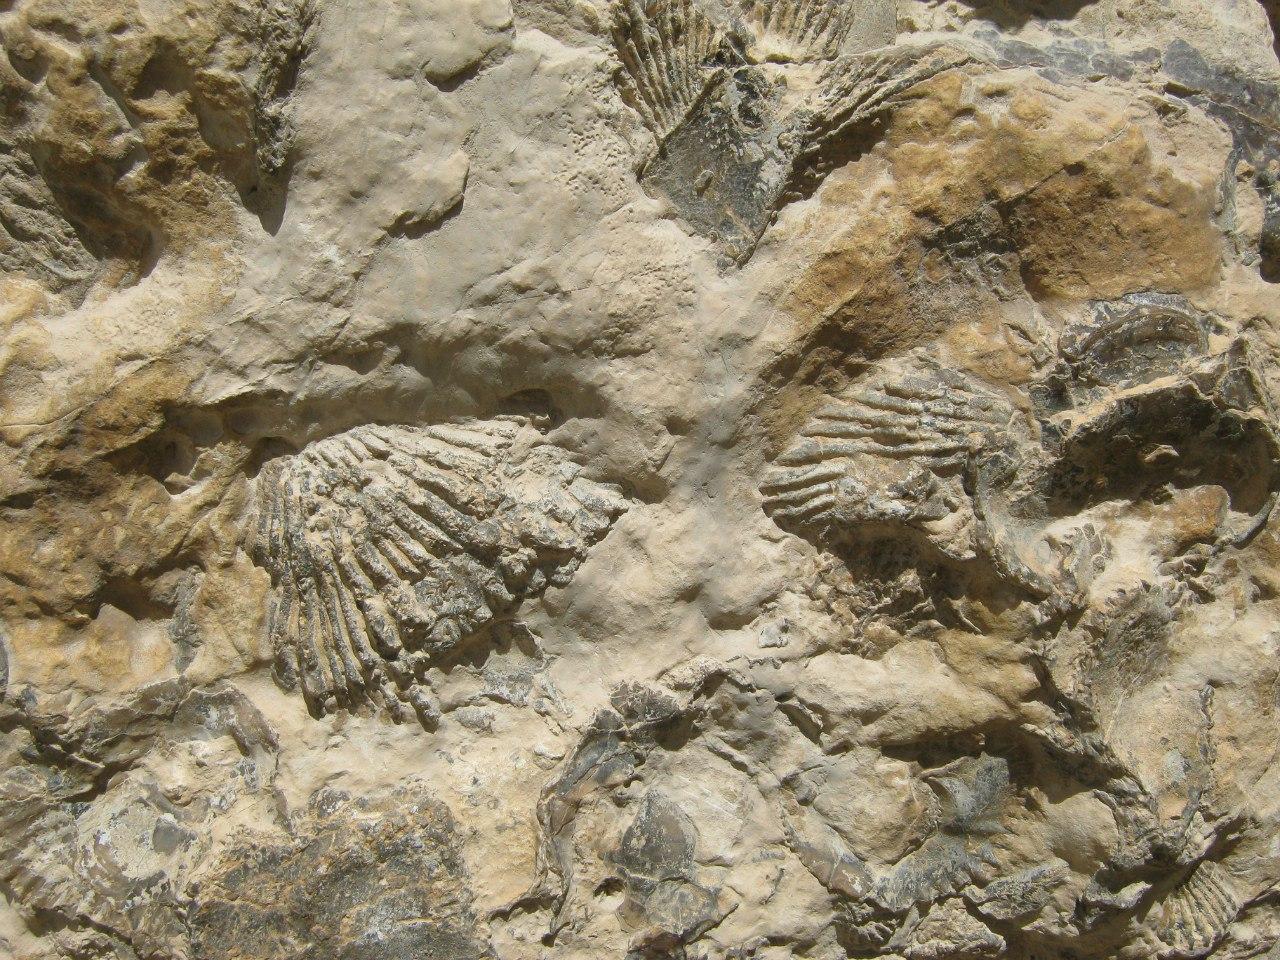 окаменевшие организмы в пустыне в Иордании